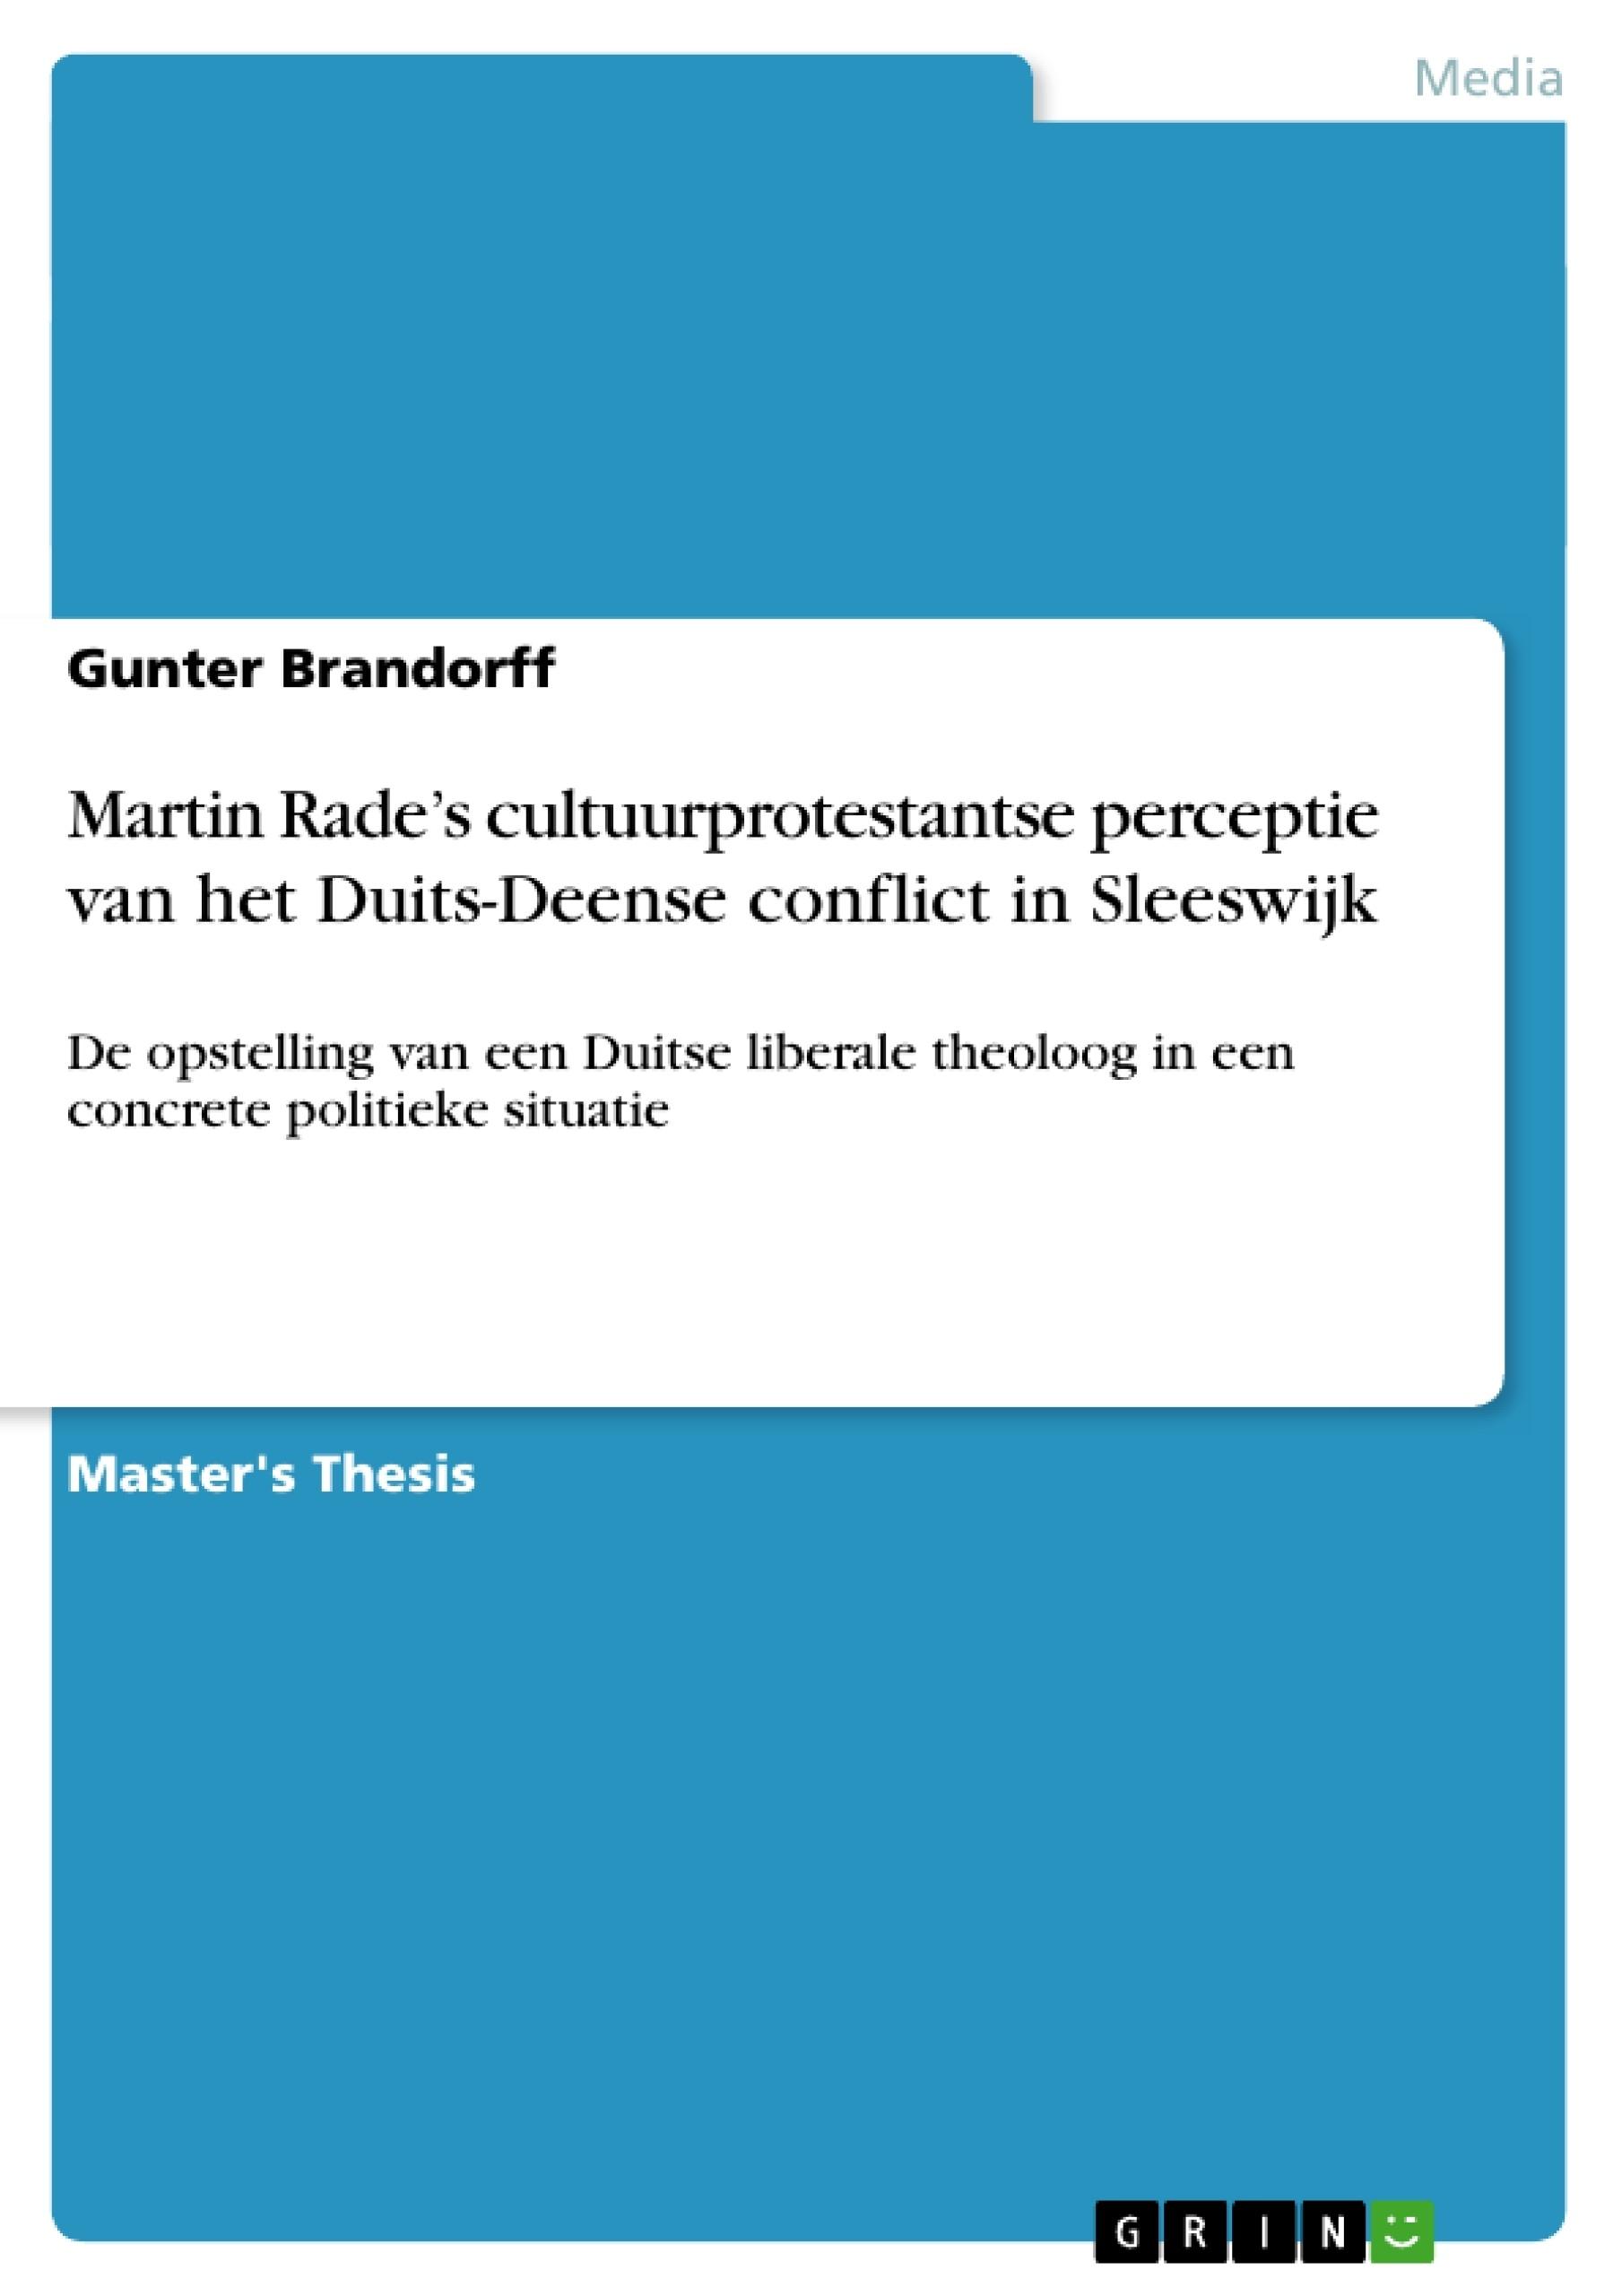 Title: Martin Rade's cultuurprotestantse perceptie van het Duits-Deense conflict in Sleeswijk